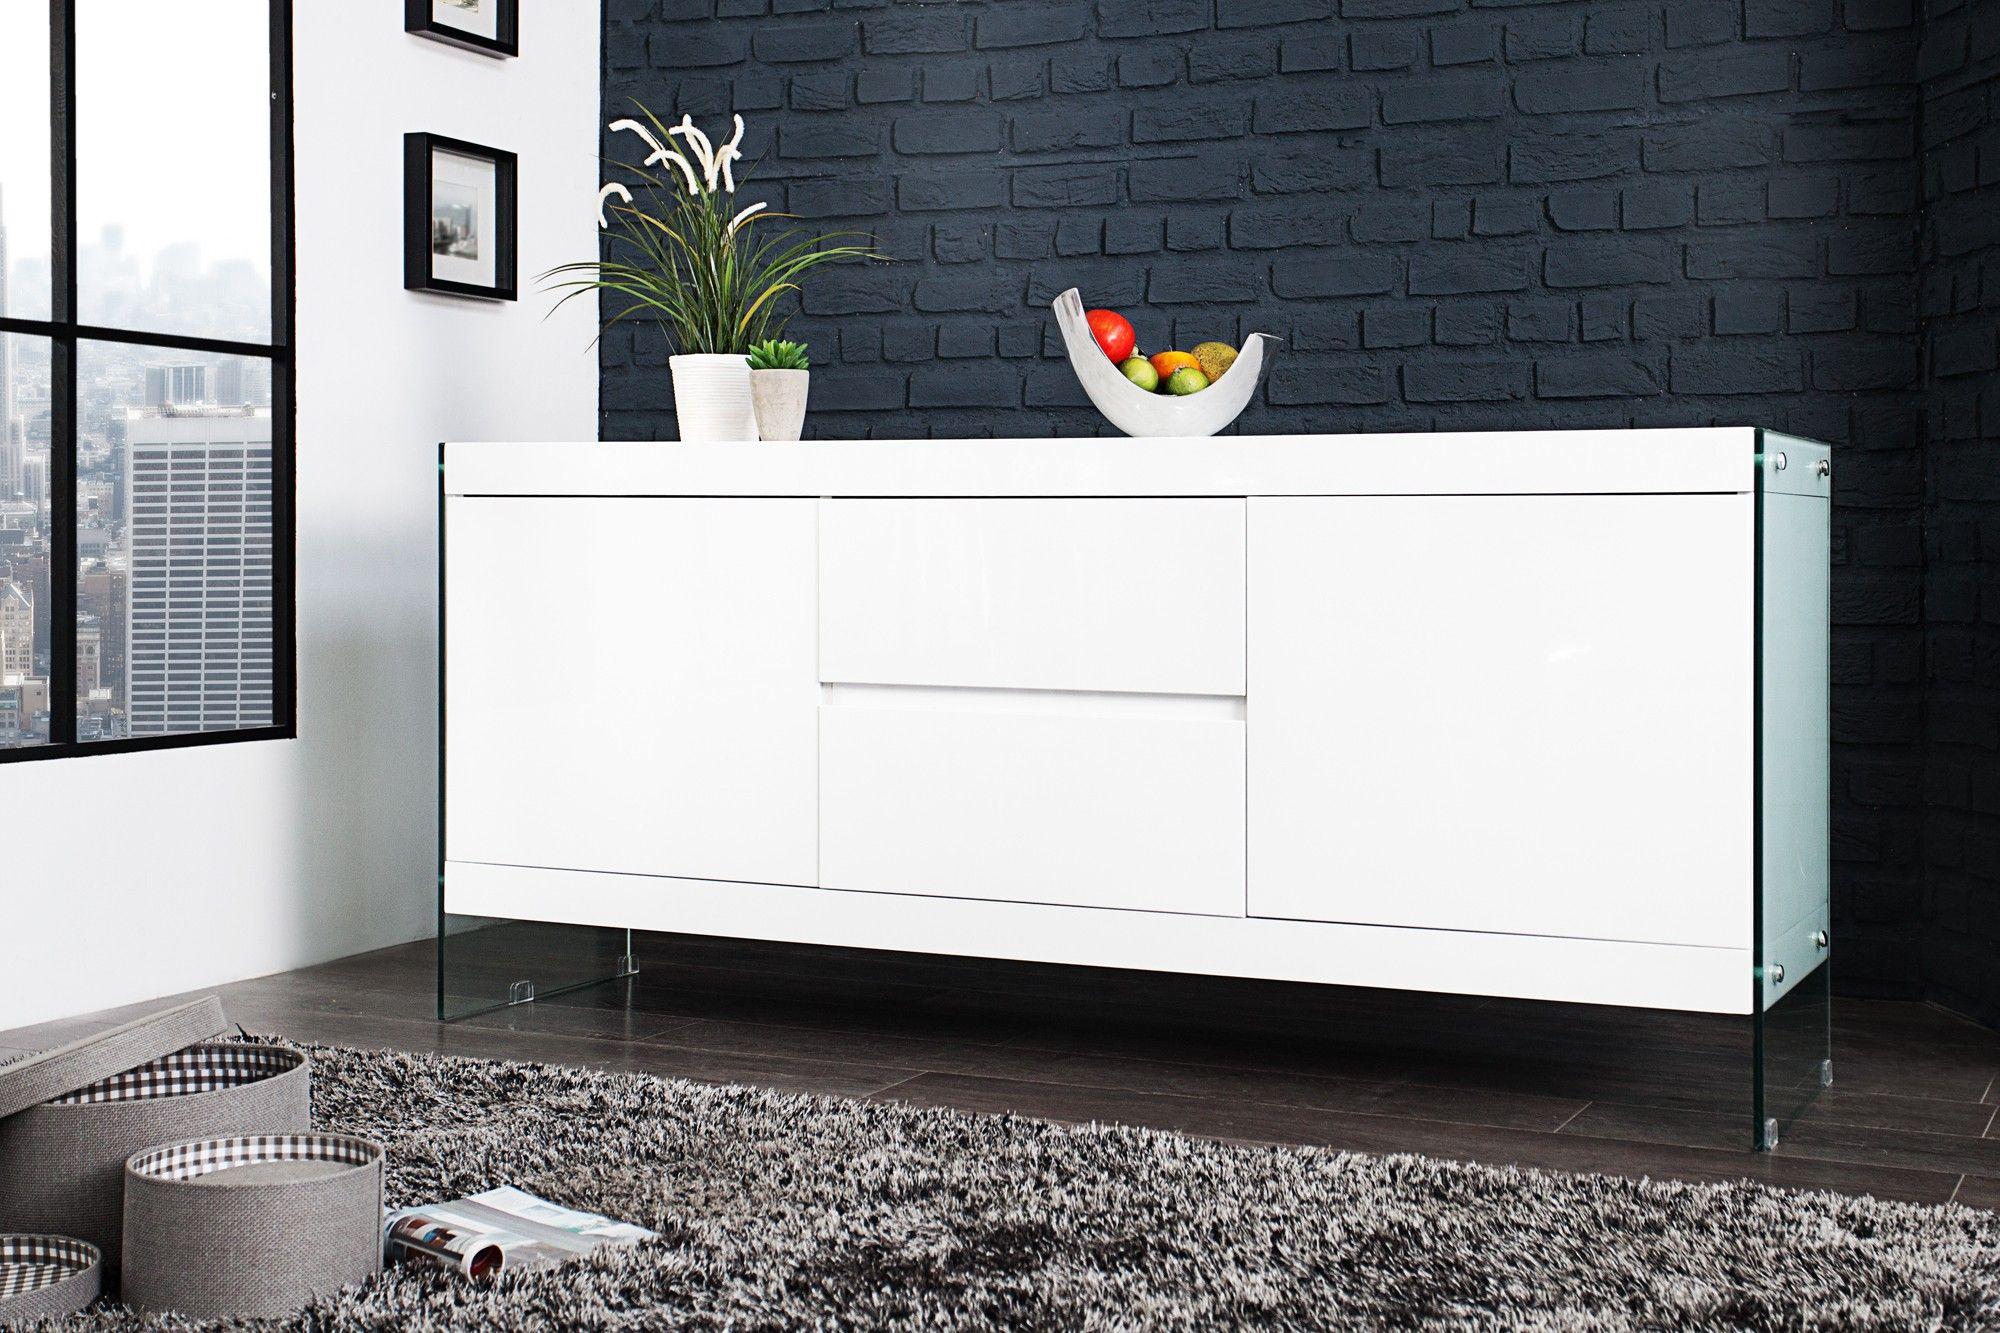 Pingl Par Nilmex Sur Blanc Meuble Pinterest Bahut  # Vaisselier D'Angle Moderne En Palissandre